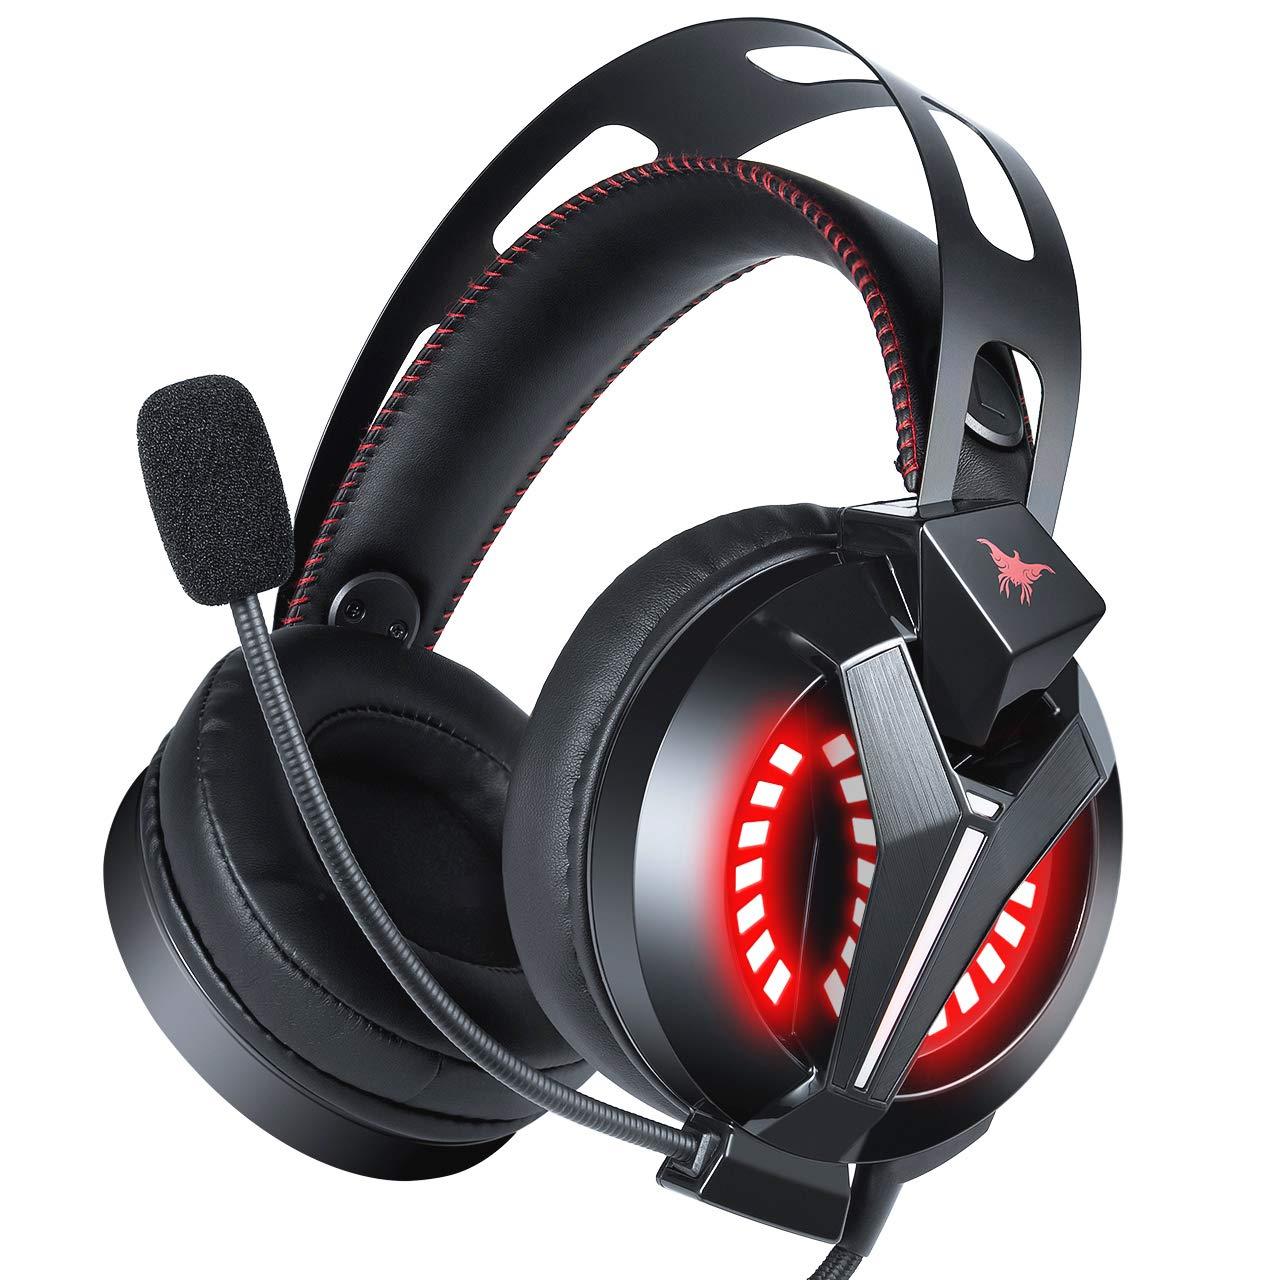 Auriculares Gaming para PS4 PC con Micró fono, Combatwing Gaming Headset Cascos de Diadema Cerrados con Reducció n de Sonido 3.5mm Jack con Luz LED Compatible con PC Xbox One, PS4 ,Mó vil Móvil